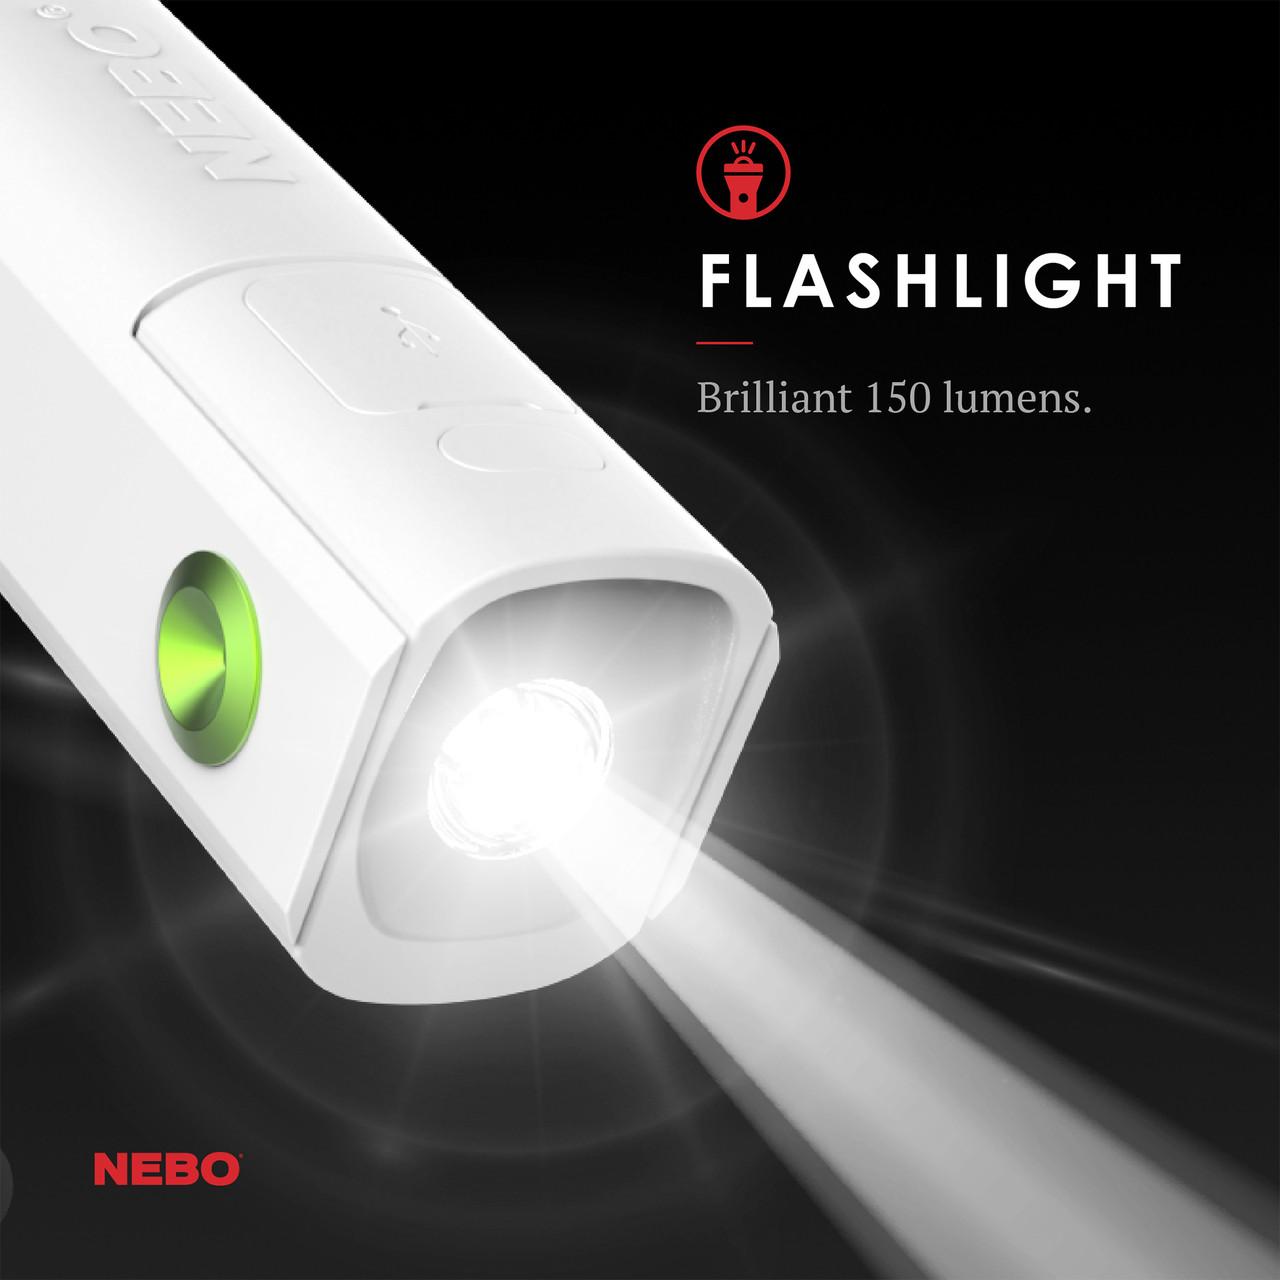 Nebo Pal 360 Flashlight Powerbank Personal Fan NEB-WLT-0027